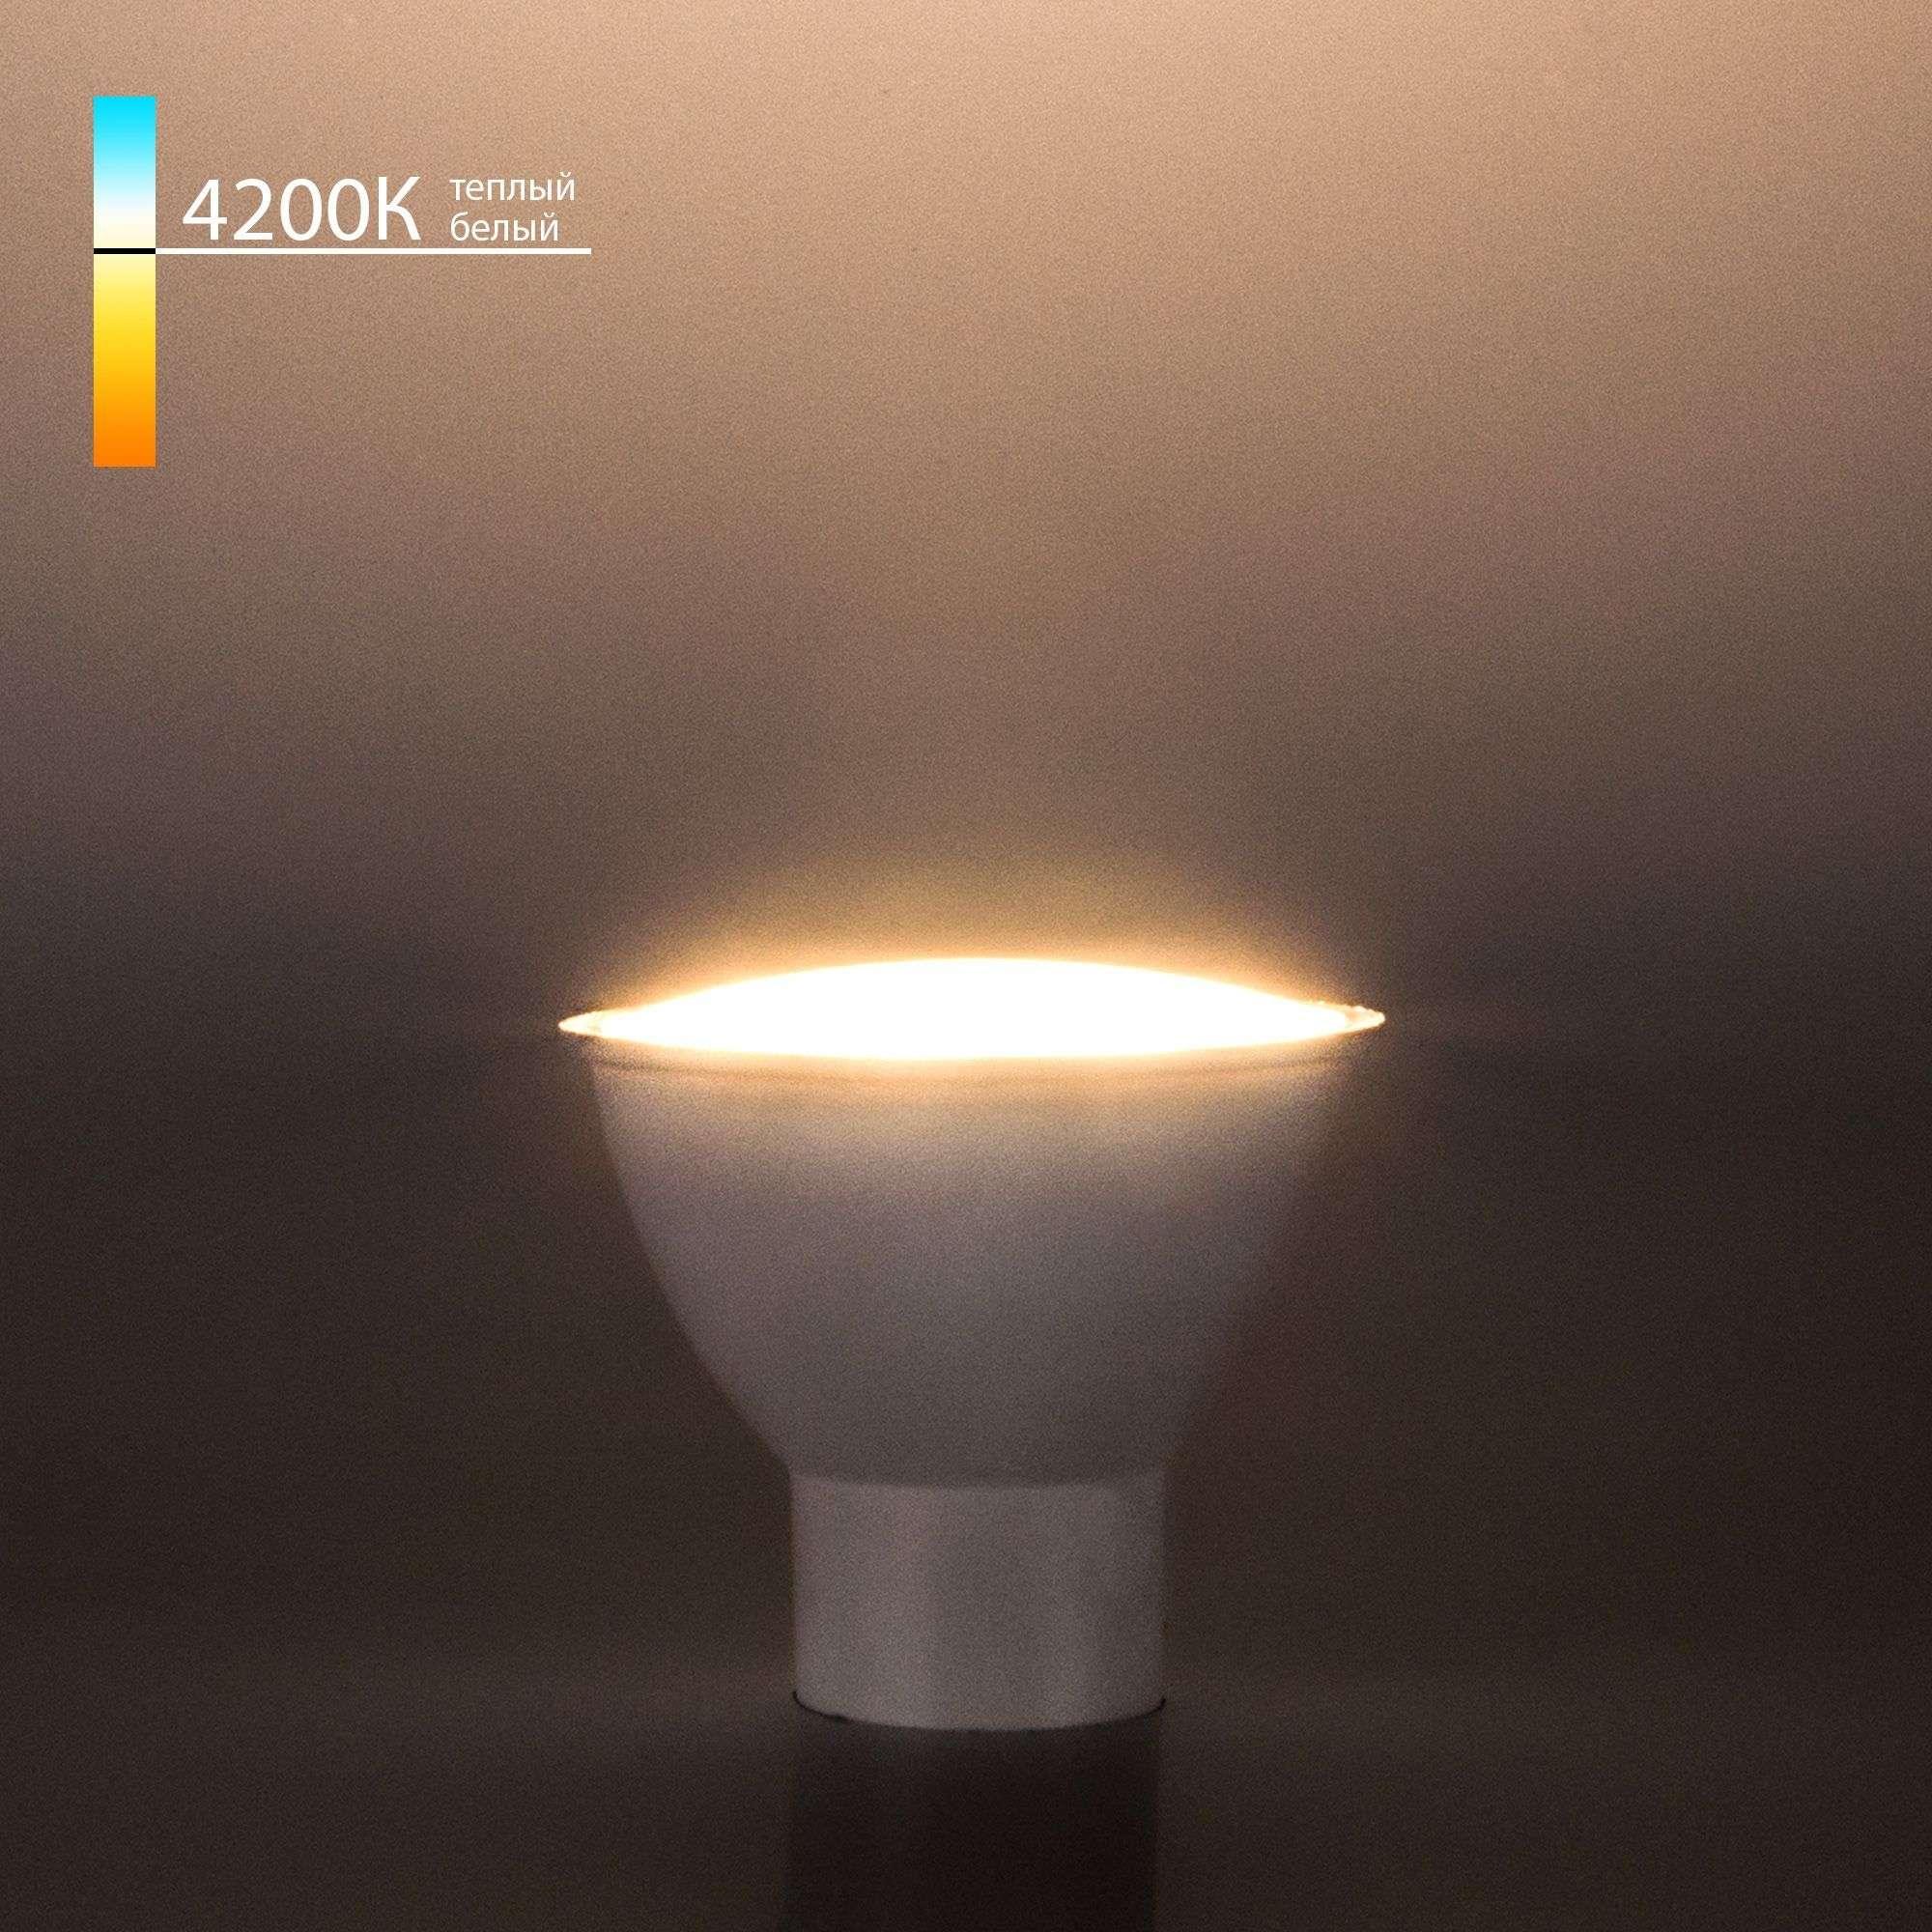 Светодиодная лампа JCDR 9W 4200K GU10 GU10 LED 9W 4200K